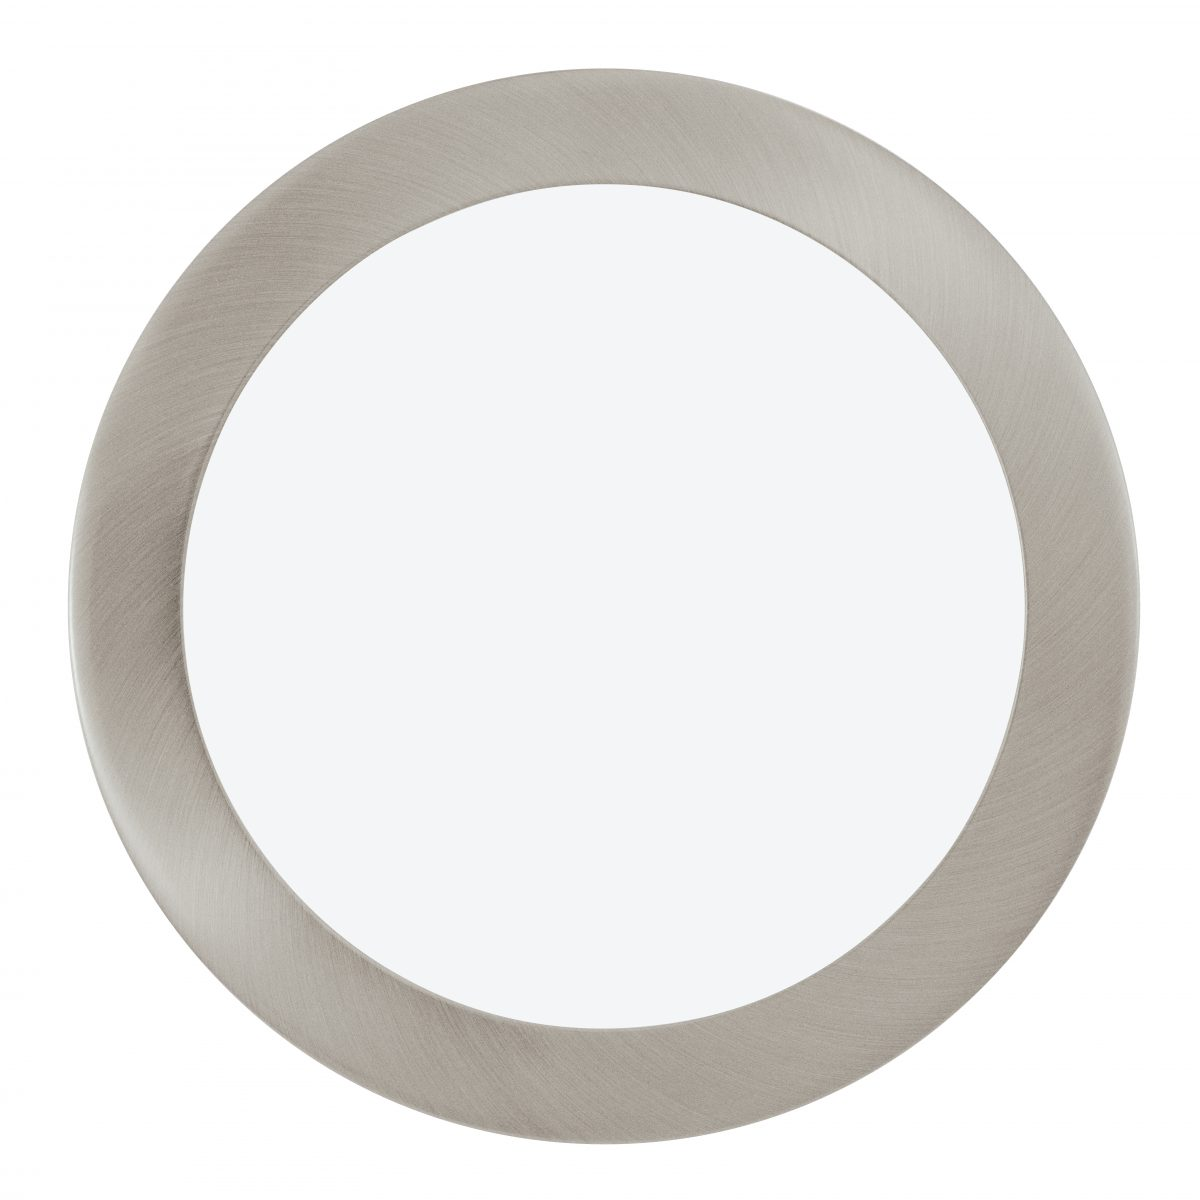 Светильник настенно-потолочный FUEVA 1 EGLO 31675 - Фото №28